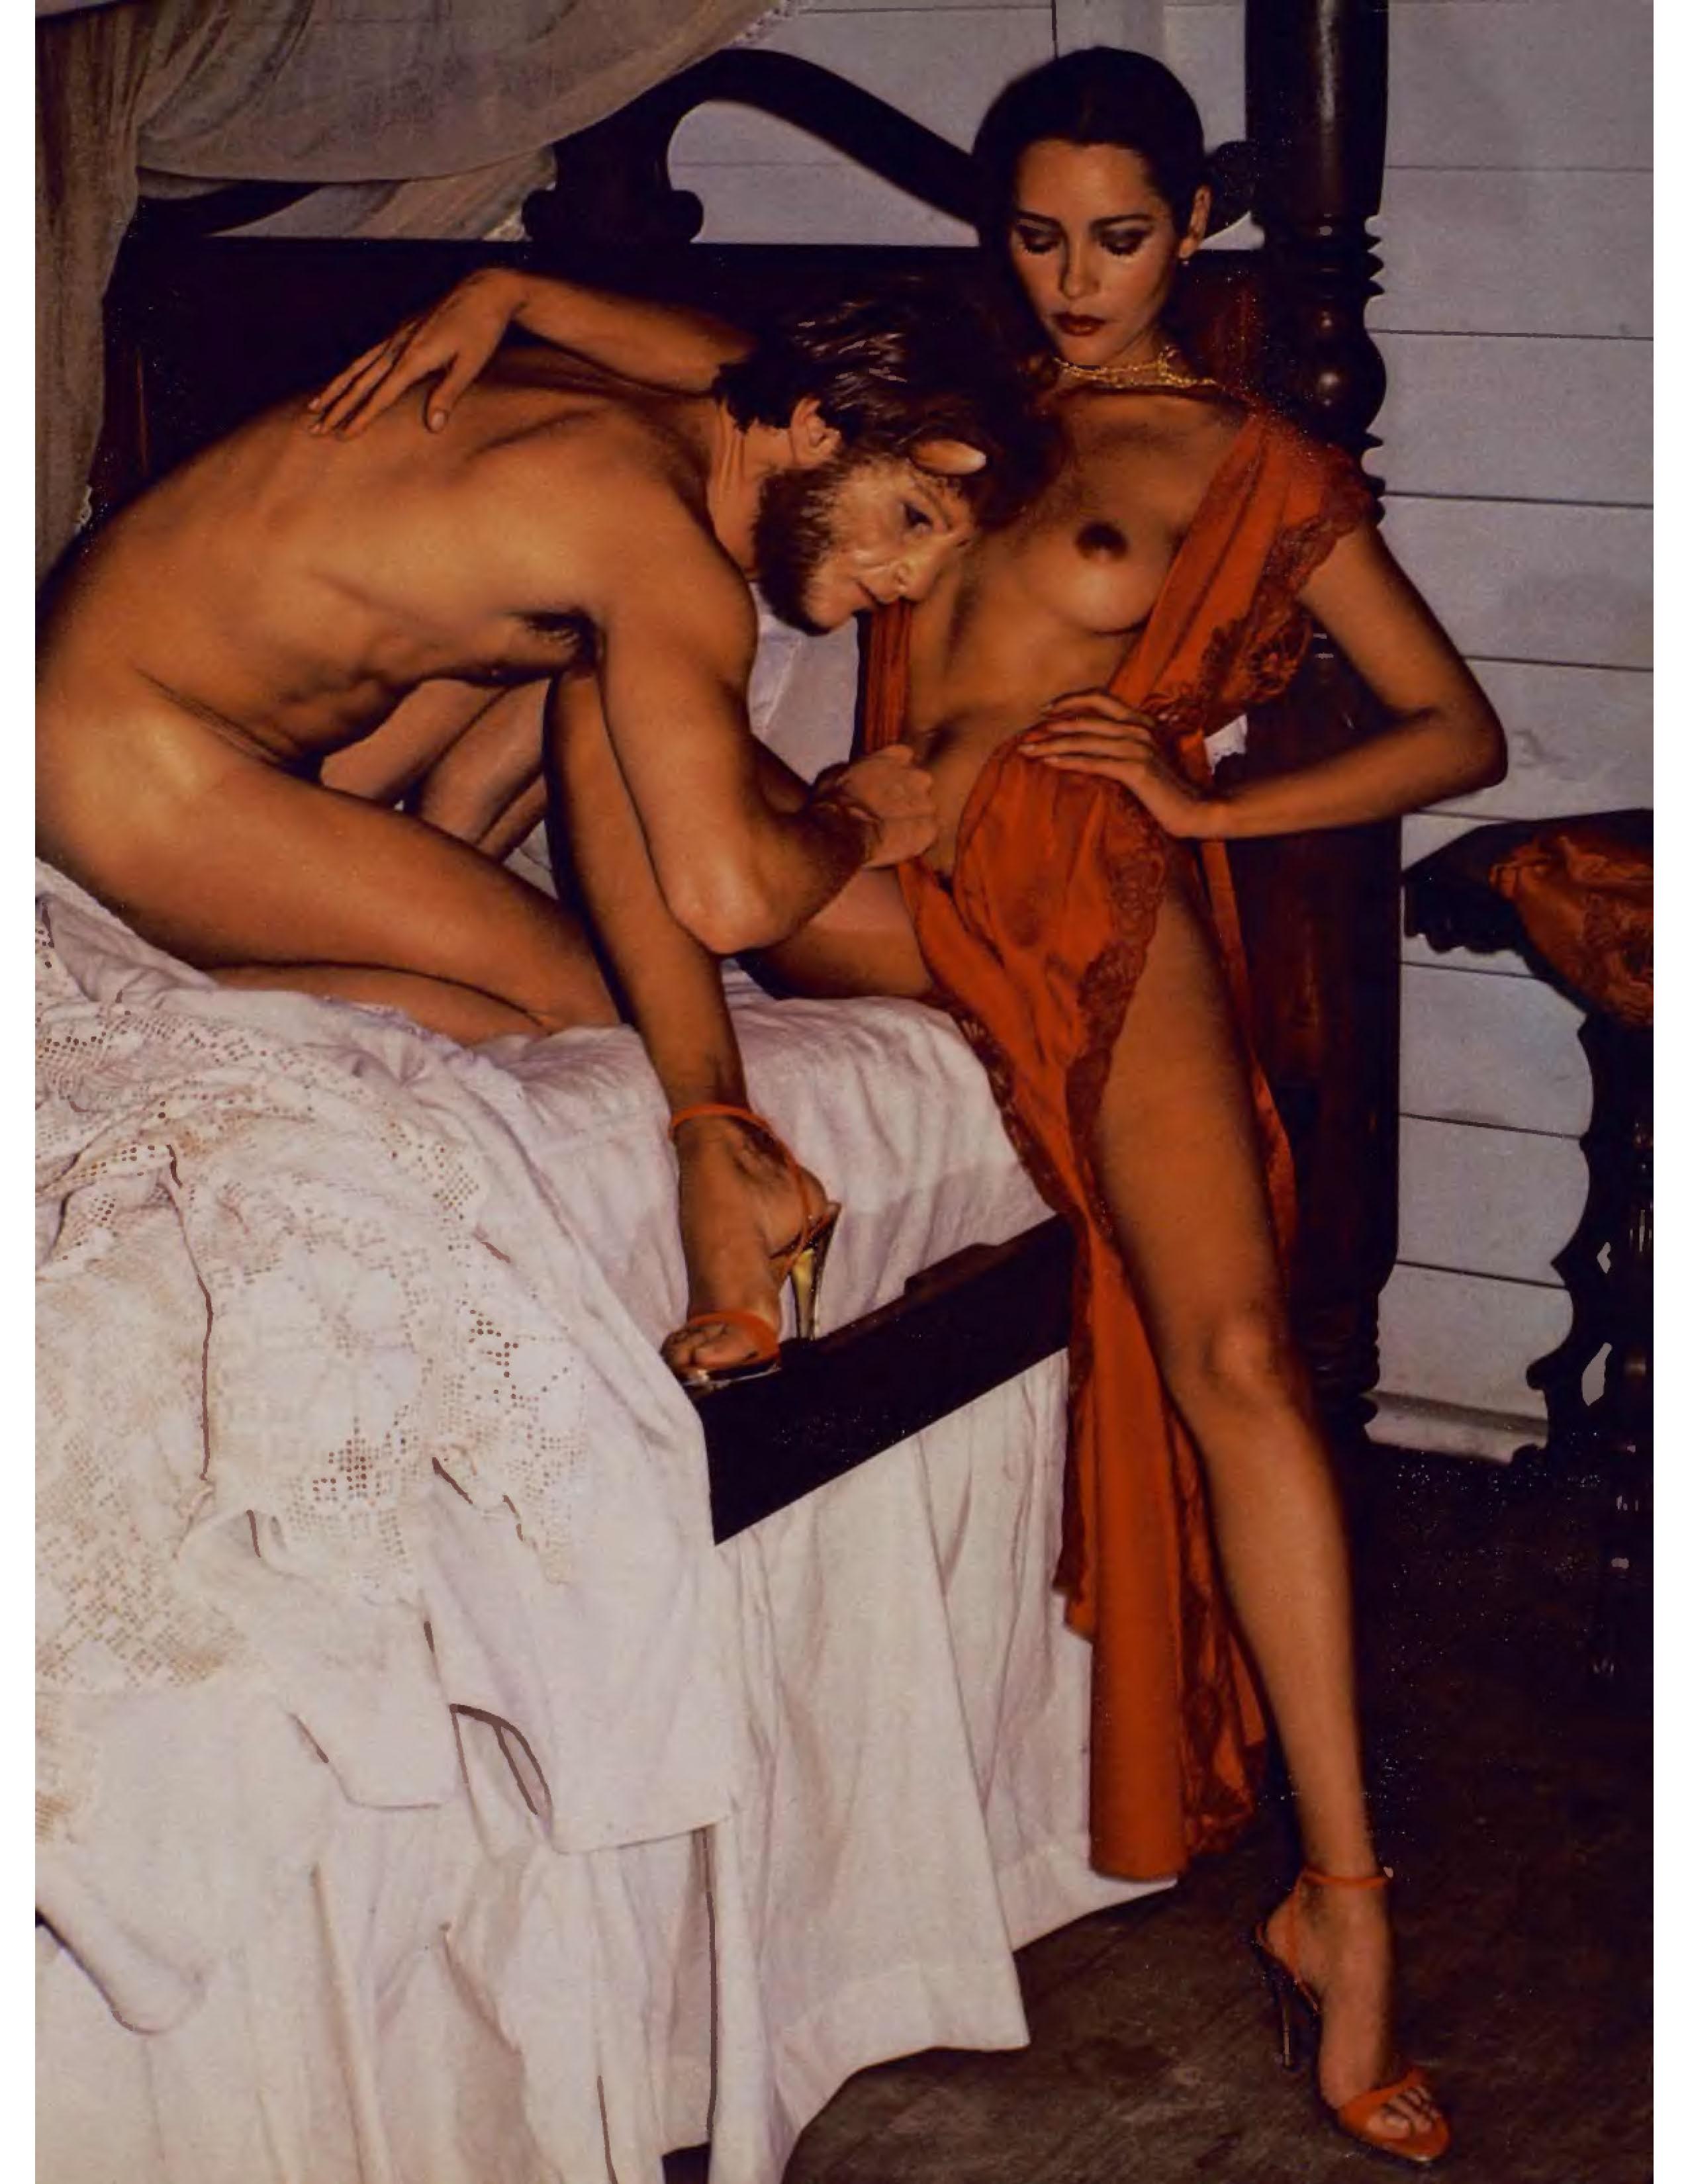 bond-girl-barbara-carrera-playboy-1977.jpg